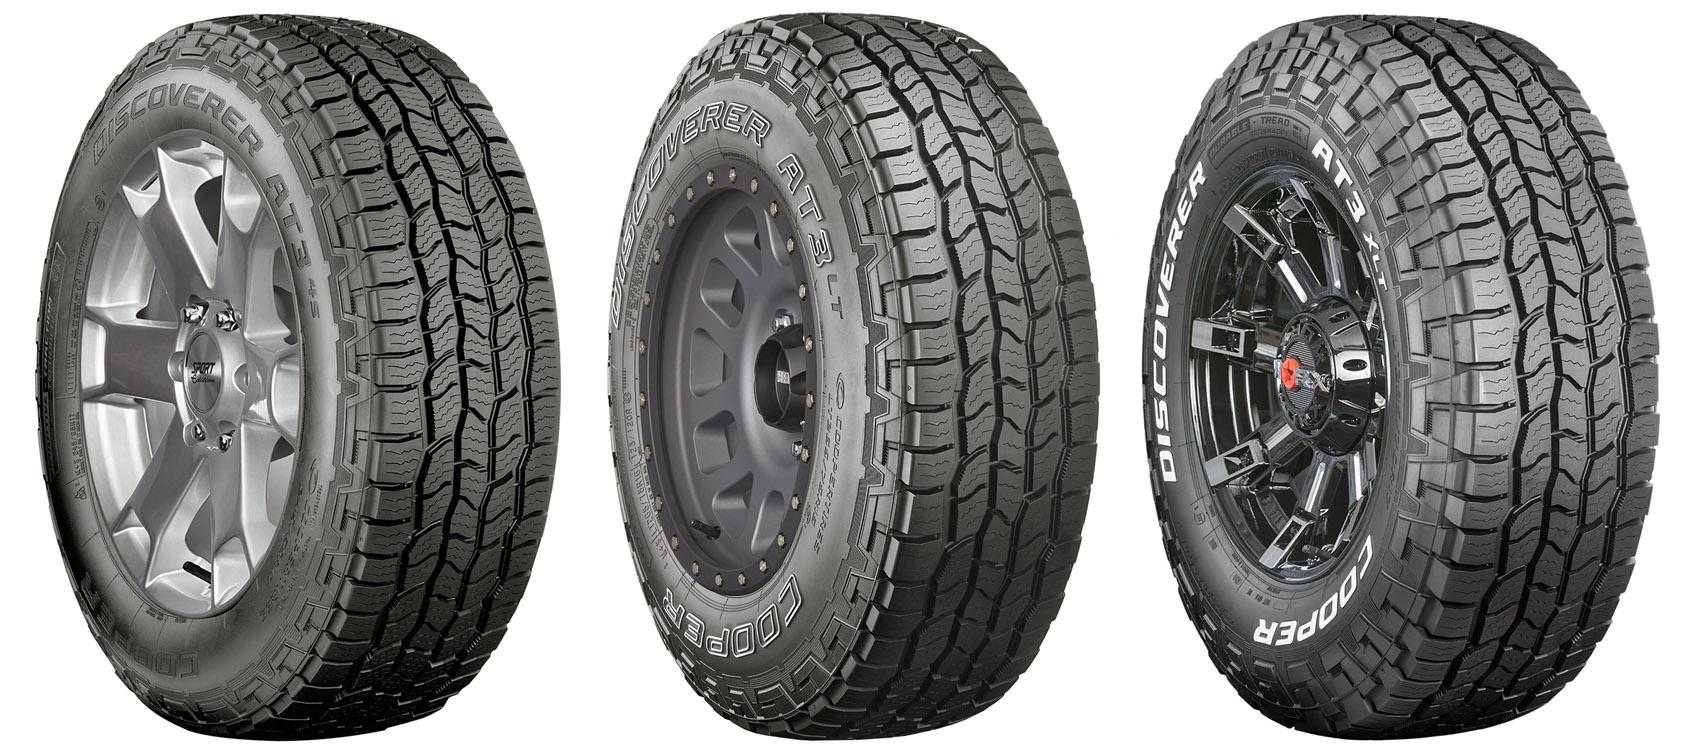 Cooper Tires представила на выставке в Кельне новую линейку вседорожных SUV-шин